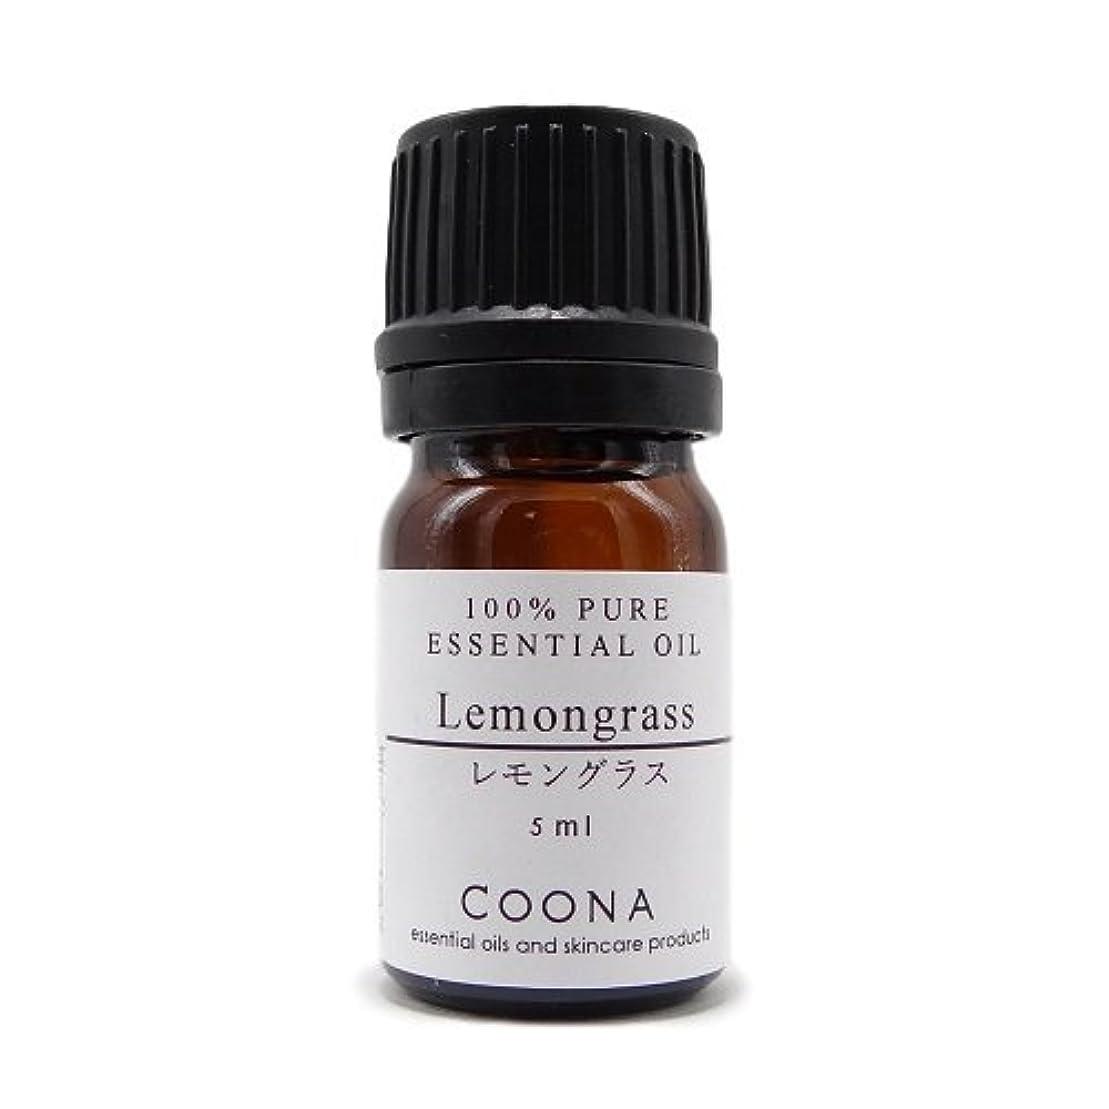 バクテリアスリップピービッシュレモングラス 5ml (COONA エッセンシャルオイル アロマオイル 100%天然植物精油)